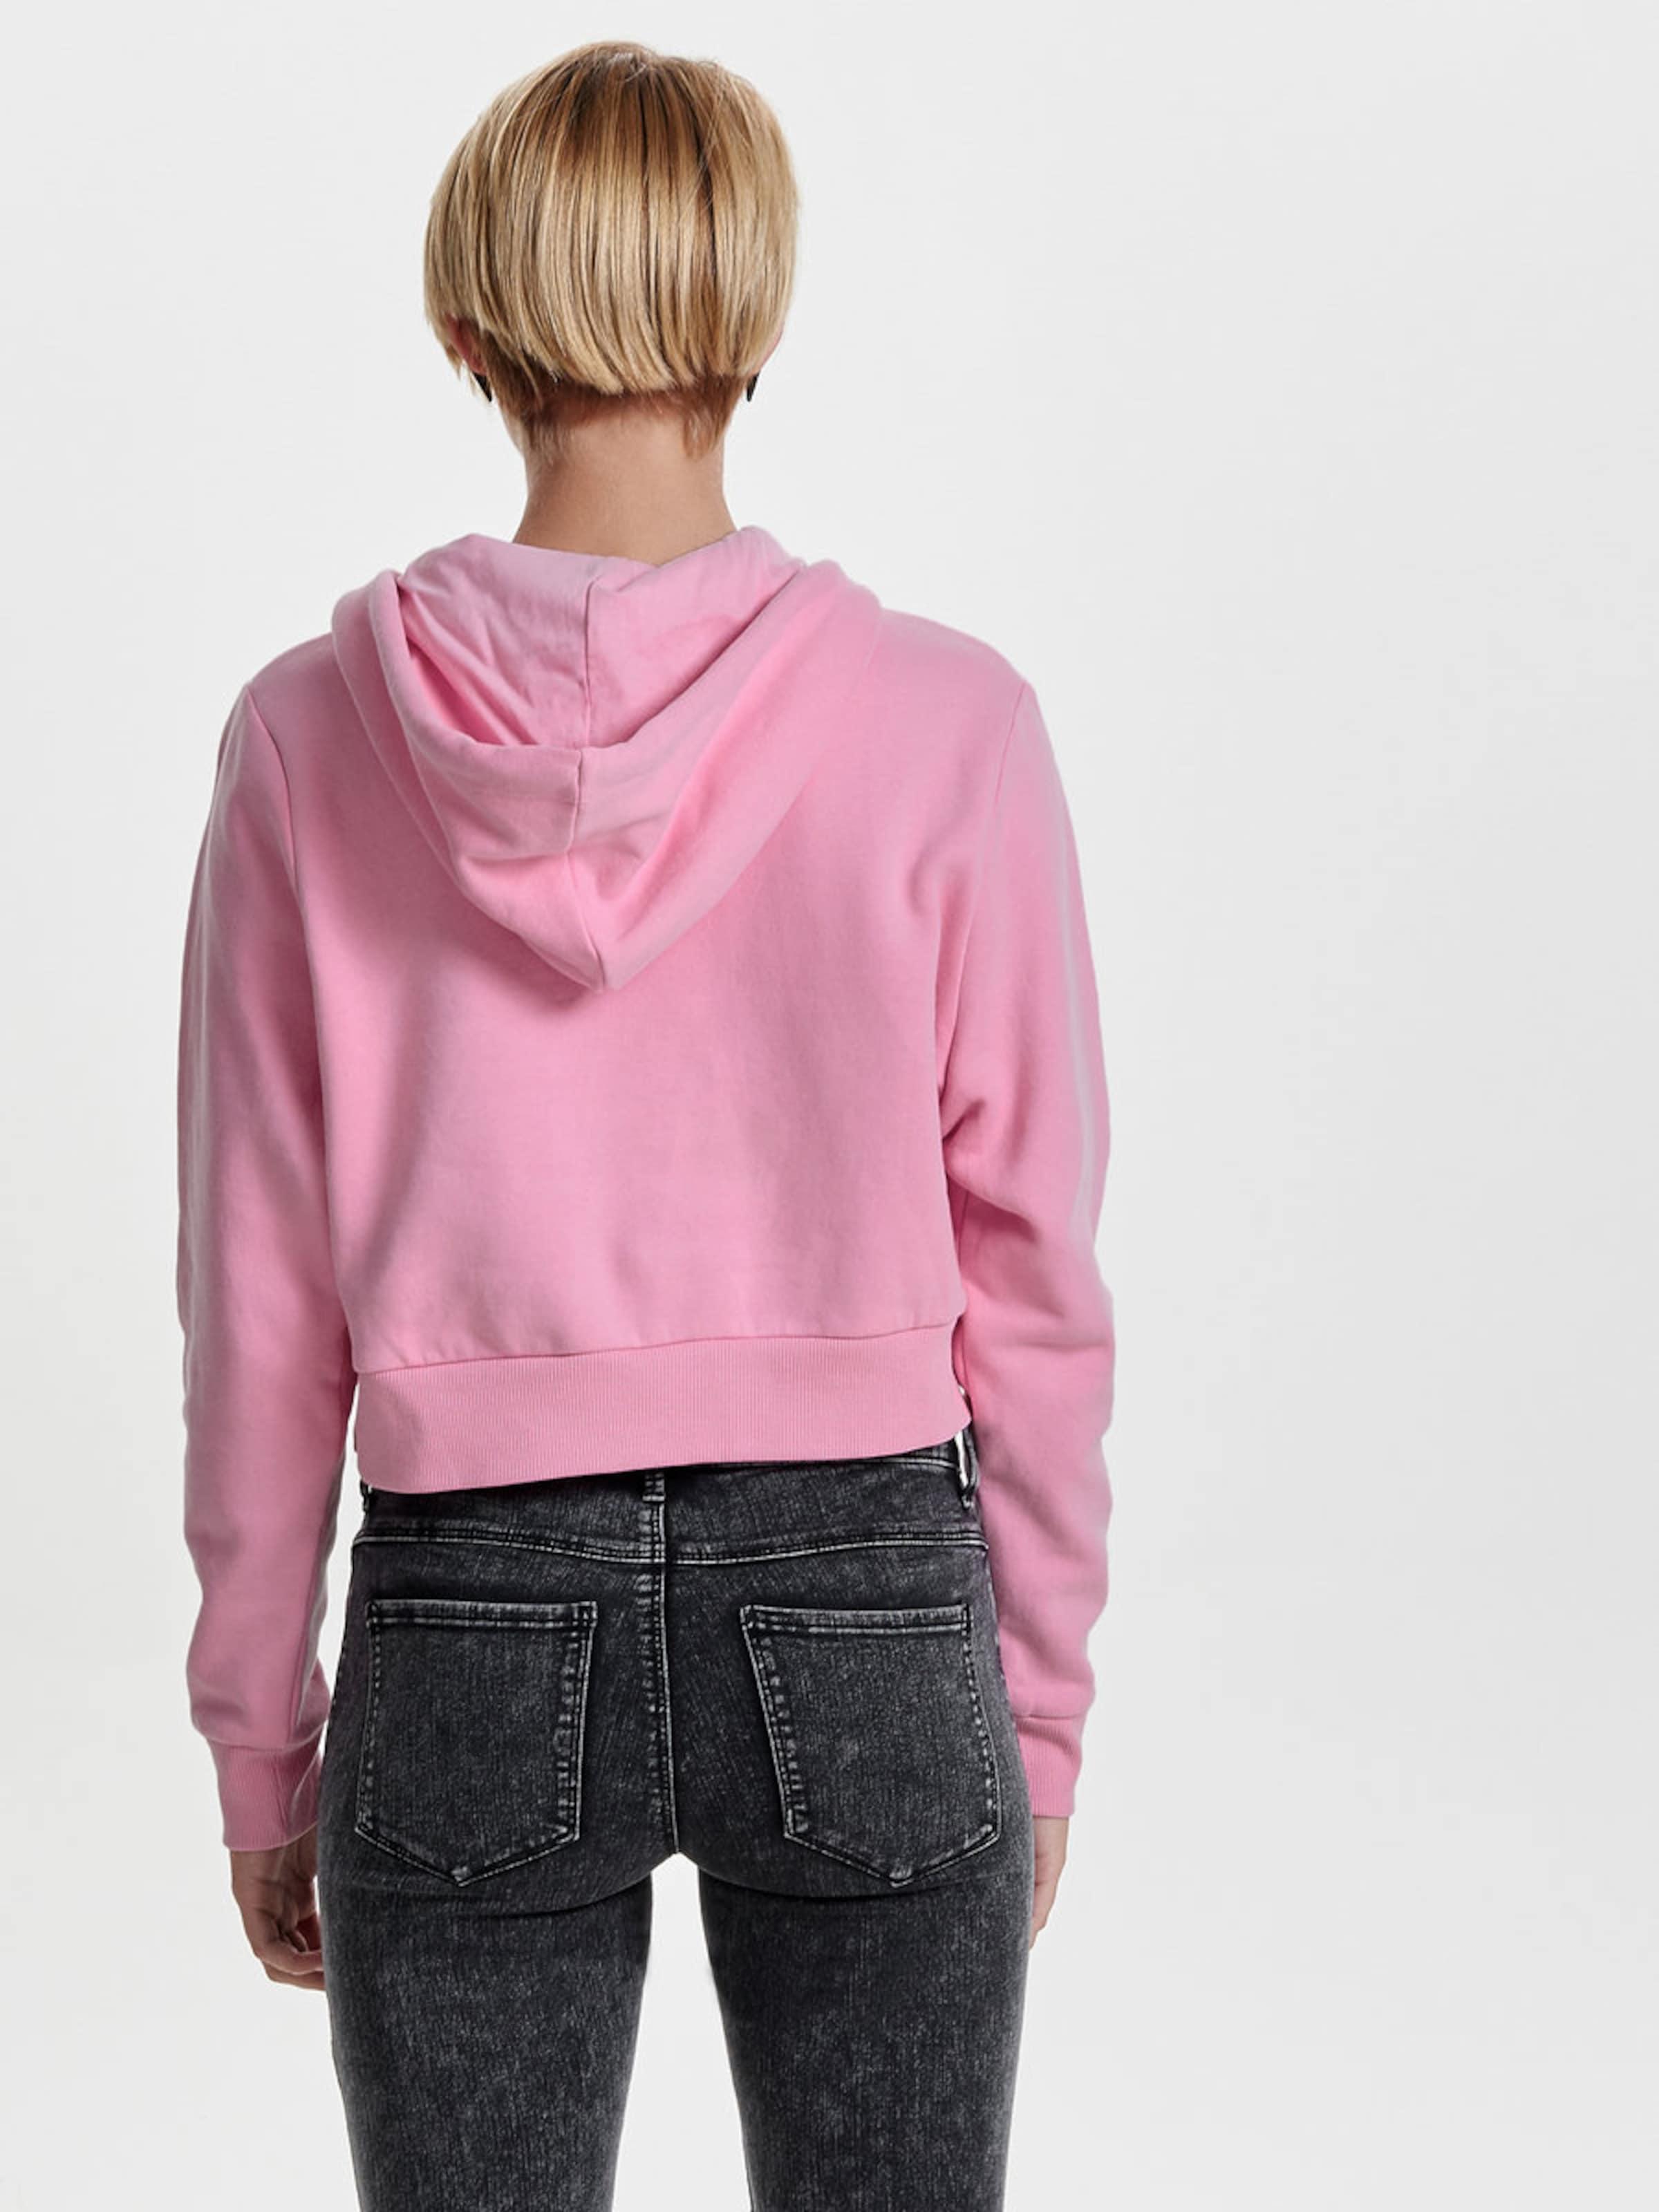 Ausverkaufs-Shop Rabatt Authentisch ONLY Kurz geschnittenes Sweatshirt Spielraum Amazon 7jZ3Rw